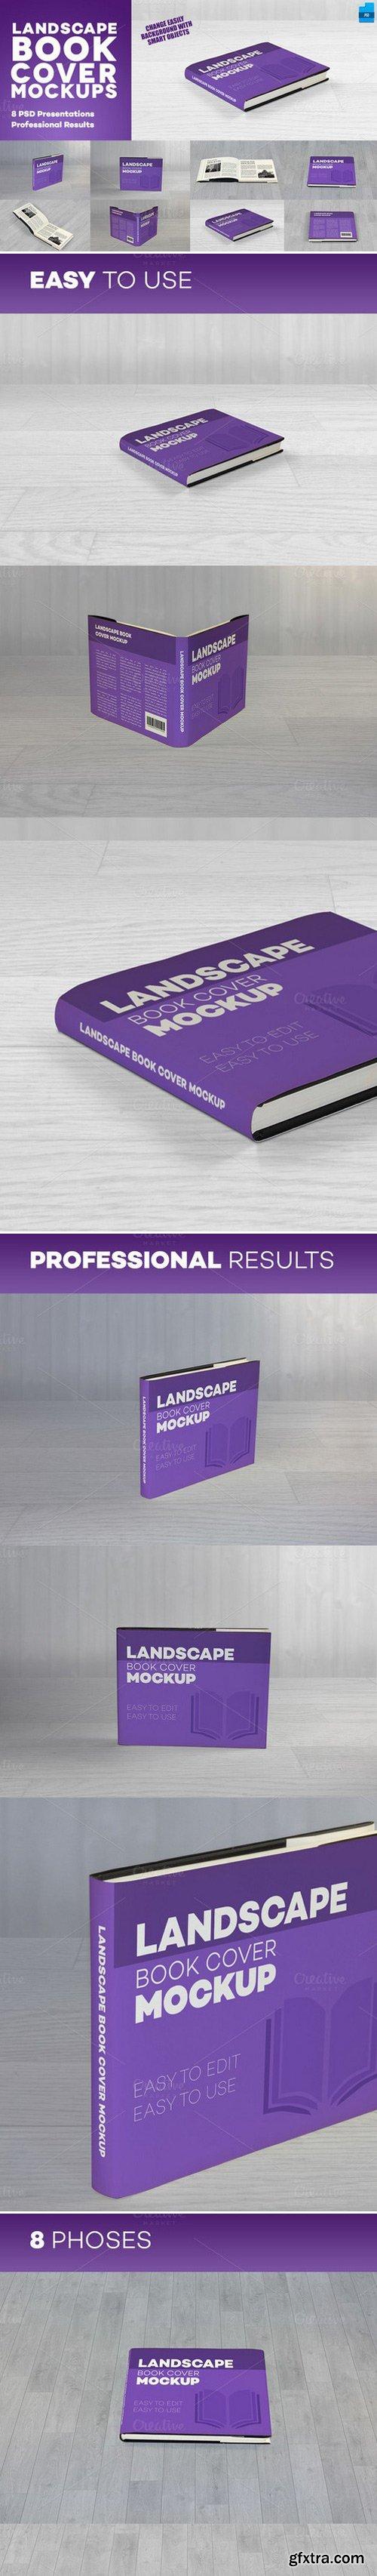 CM - Landscape Book Cover Mockups 430703